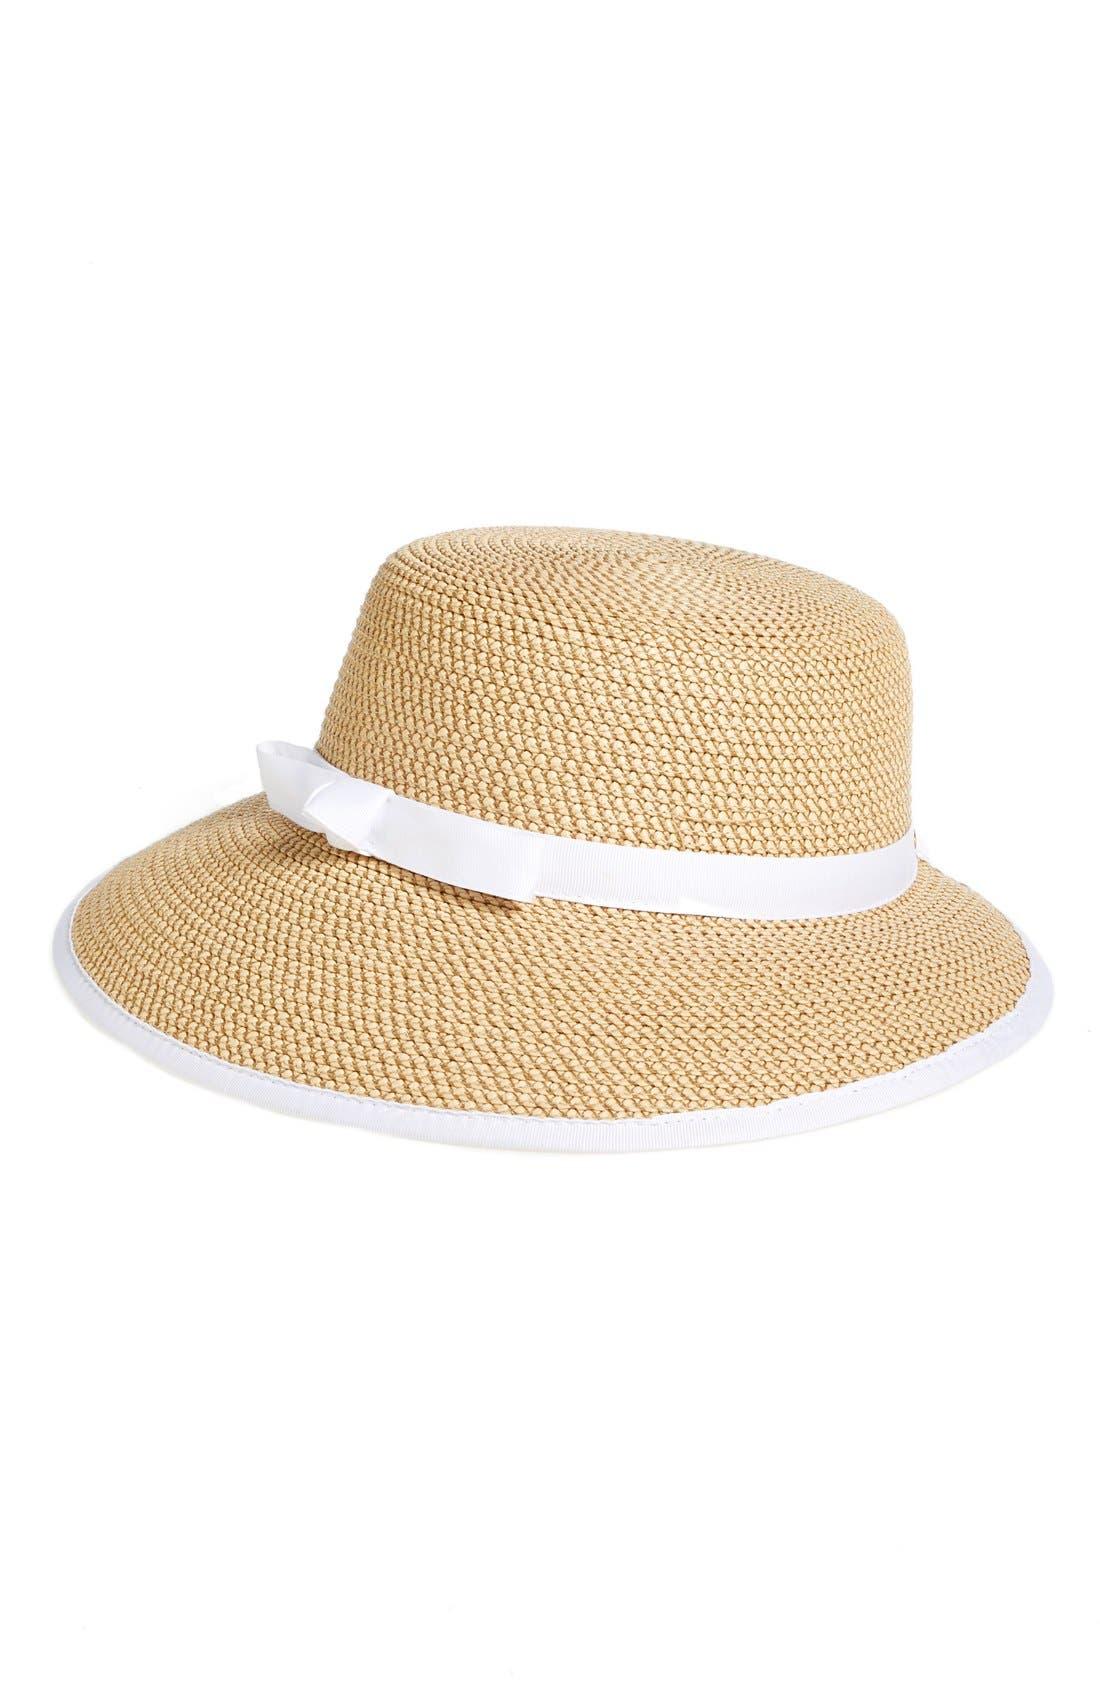 Eric Javits Squishee® Straw Cap